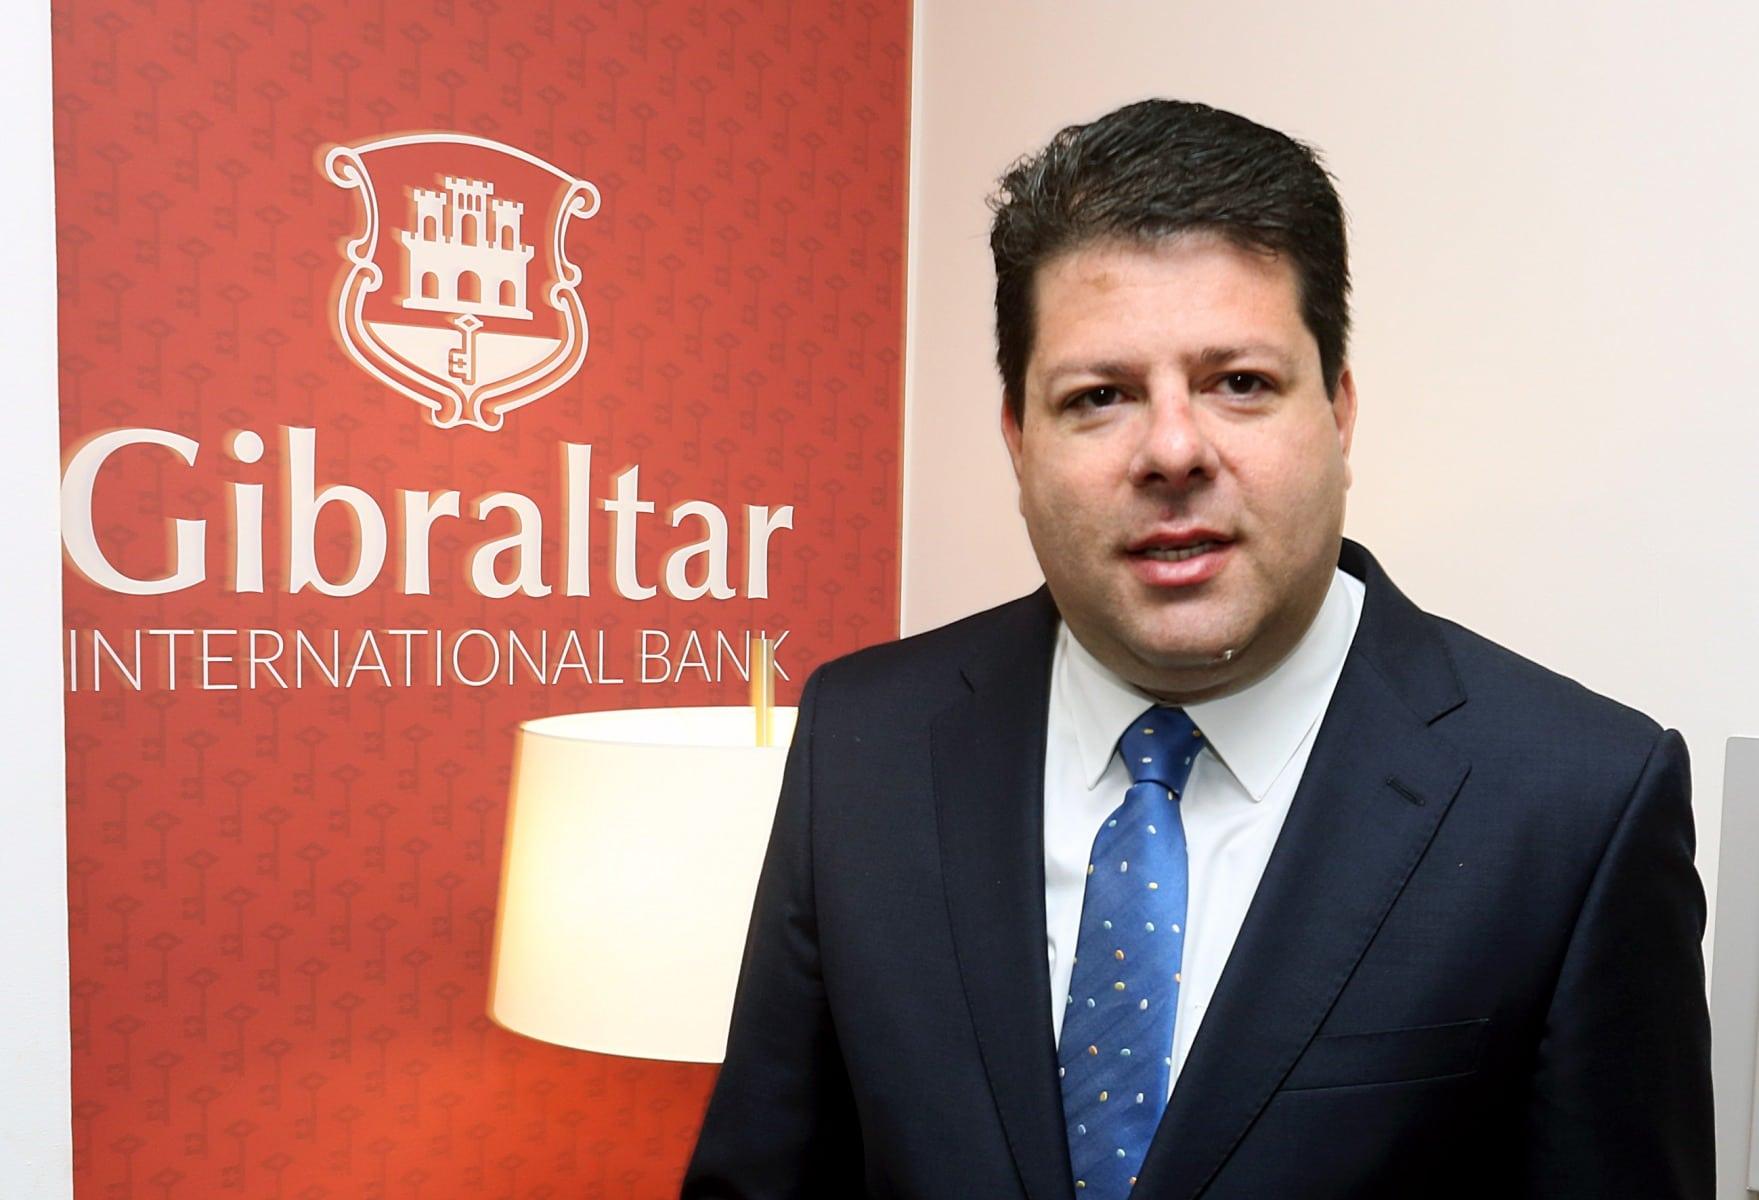 4-abr-2016-inauguracin-nueva-sede-banco-internacional-de-gibraltar-16_26208744916_o